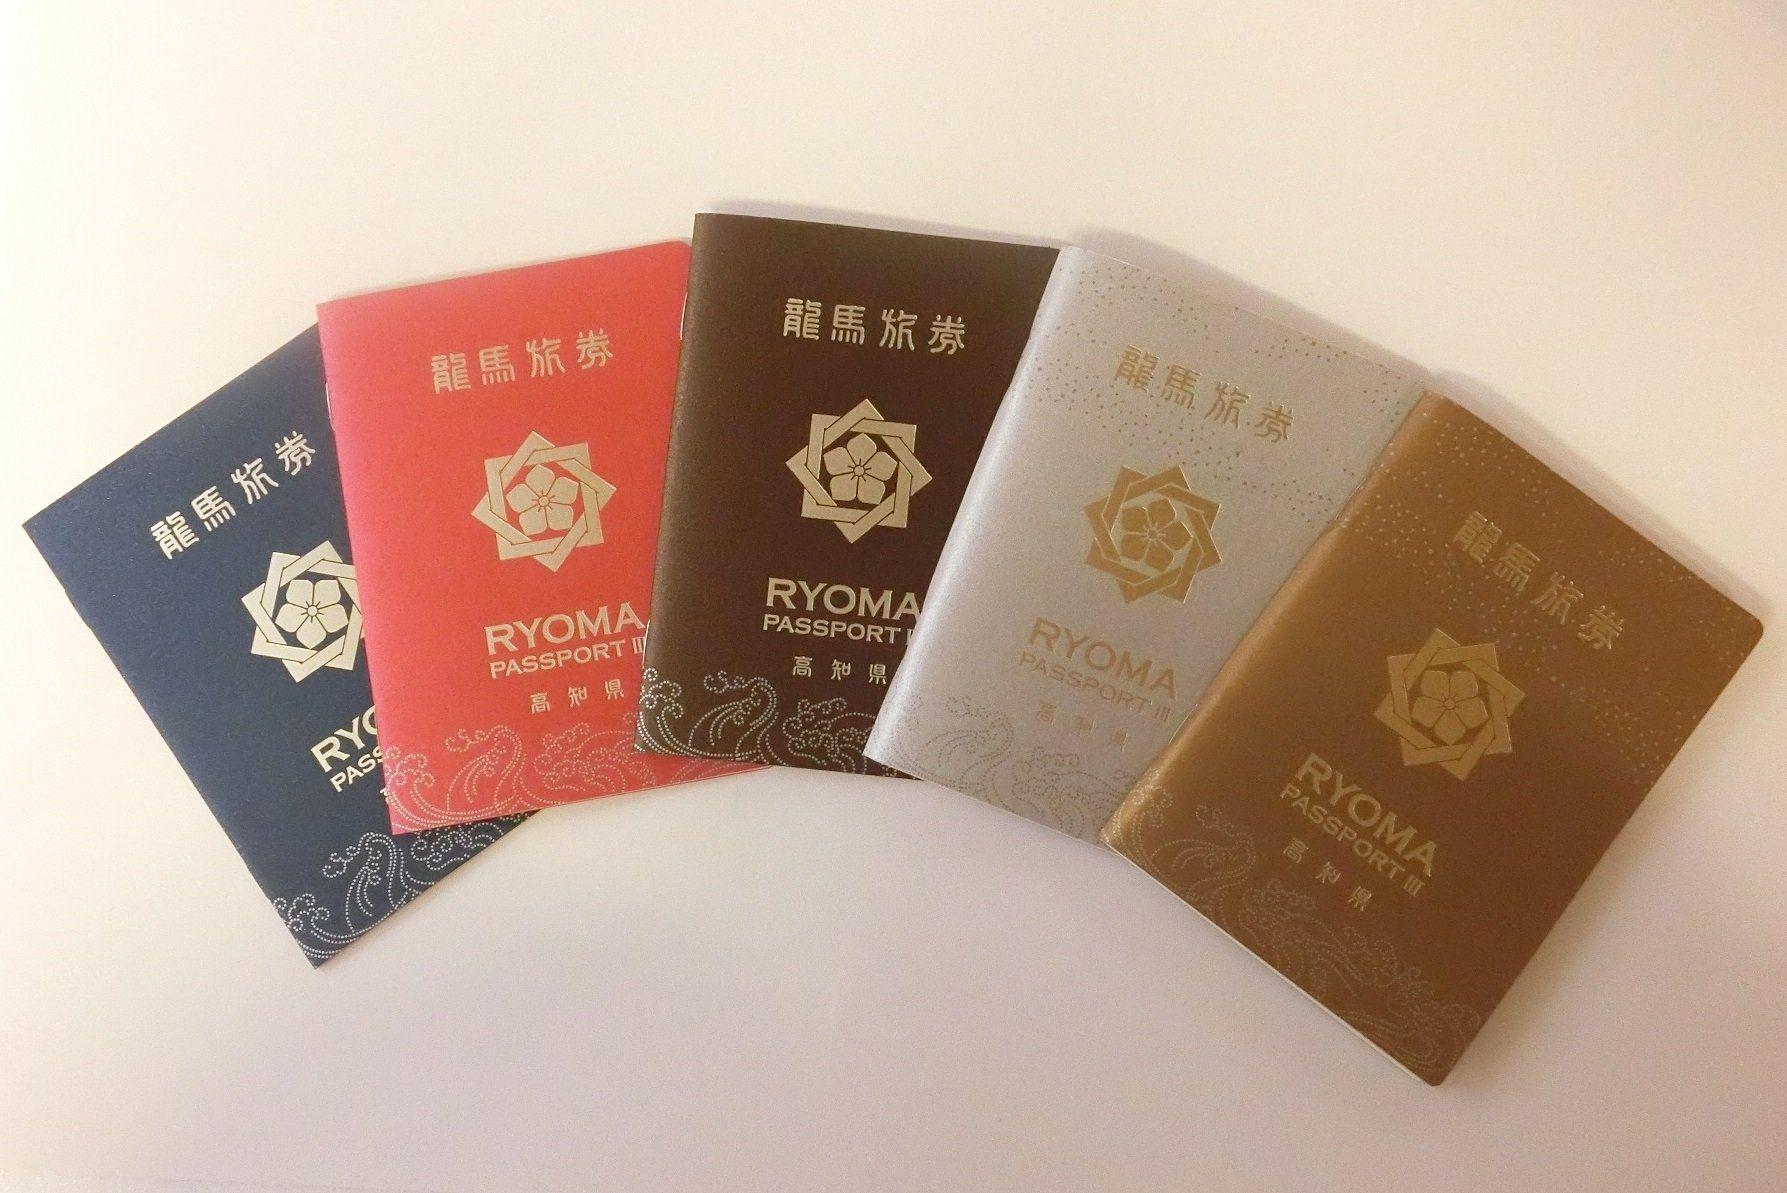 龍馬パスポートって何?高知観光にお得なアイテム!申請書⇒即交付!